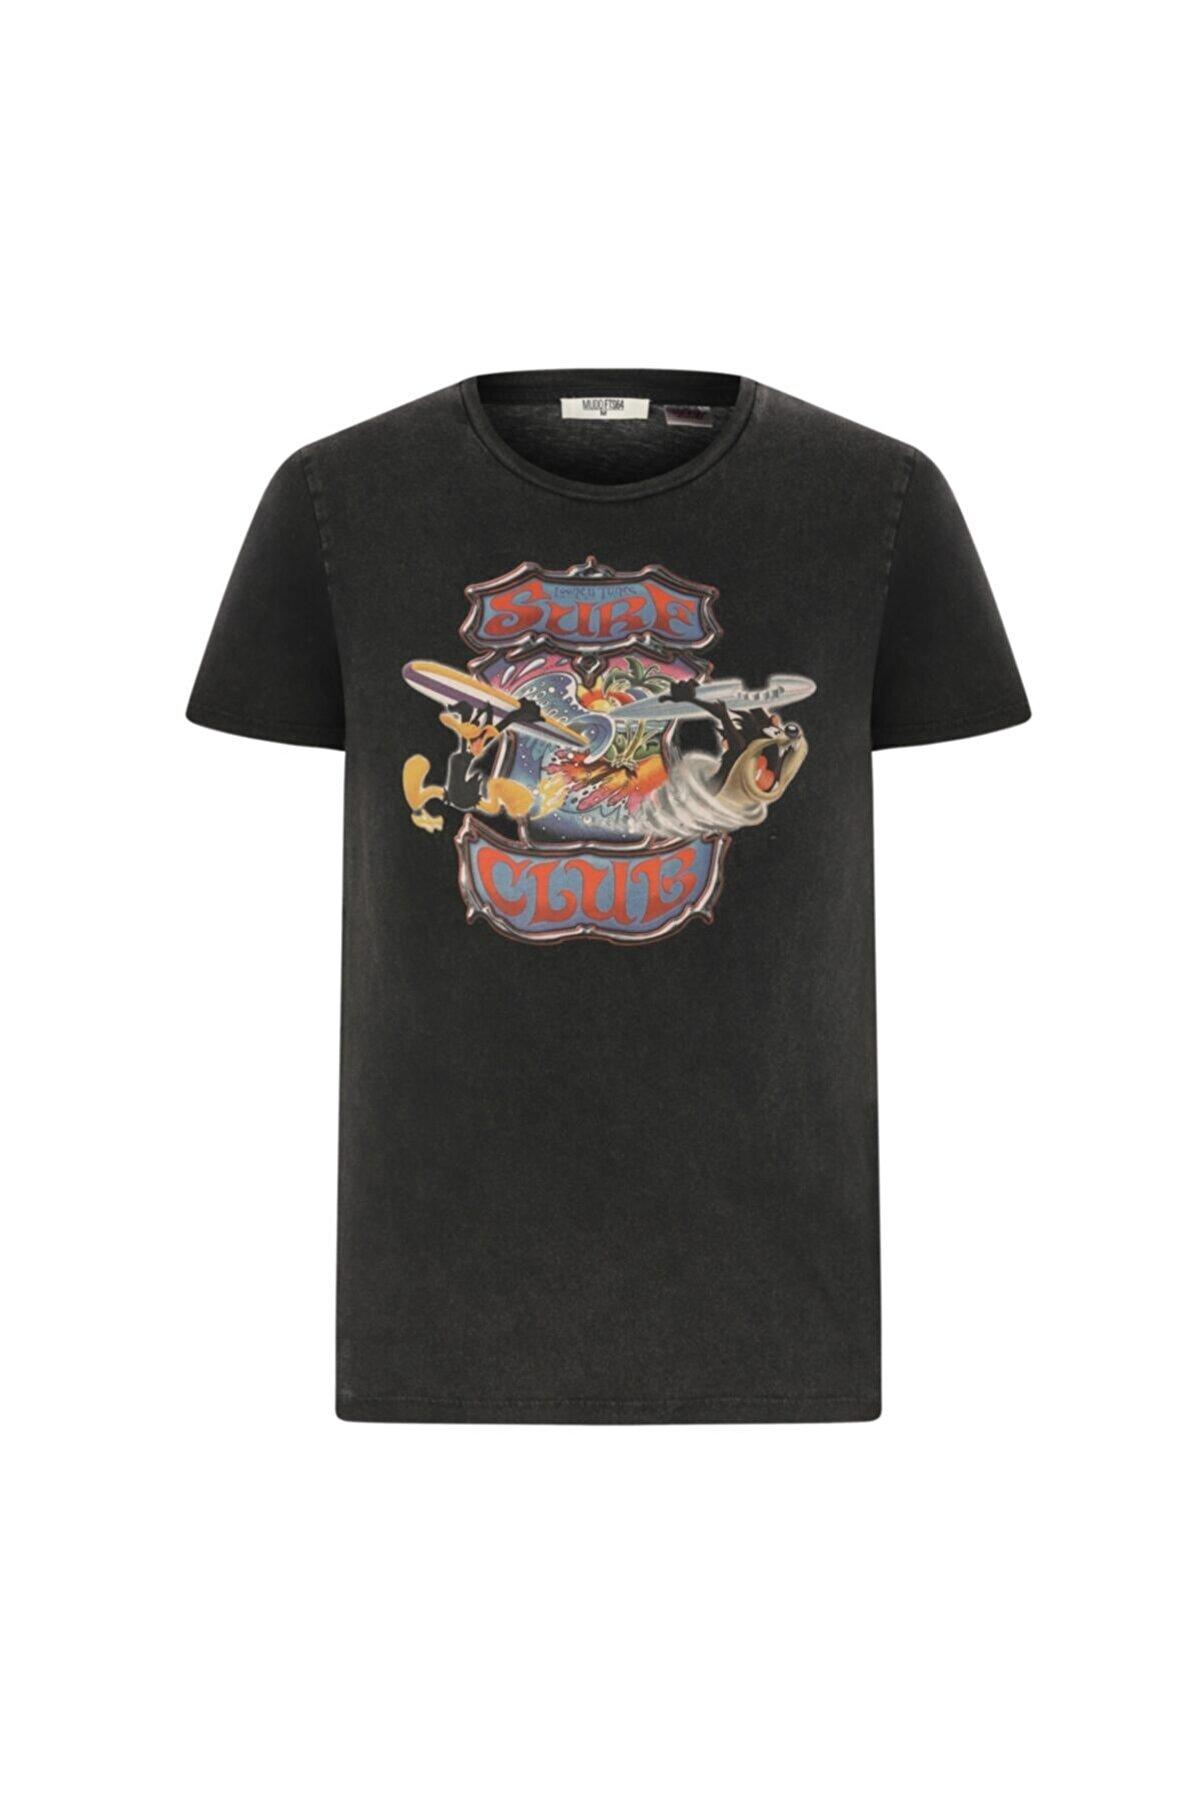 Mudo Looney Tunes Tshirt